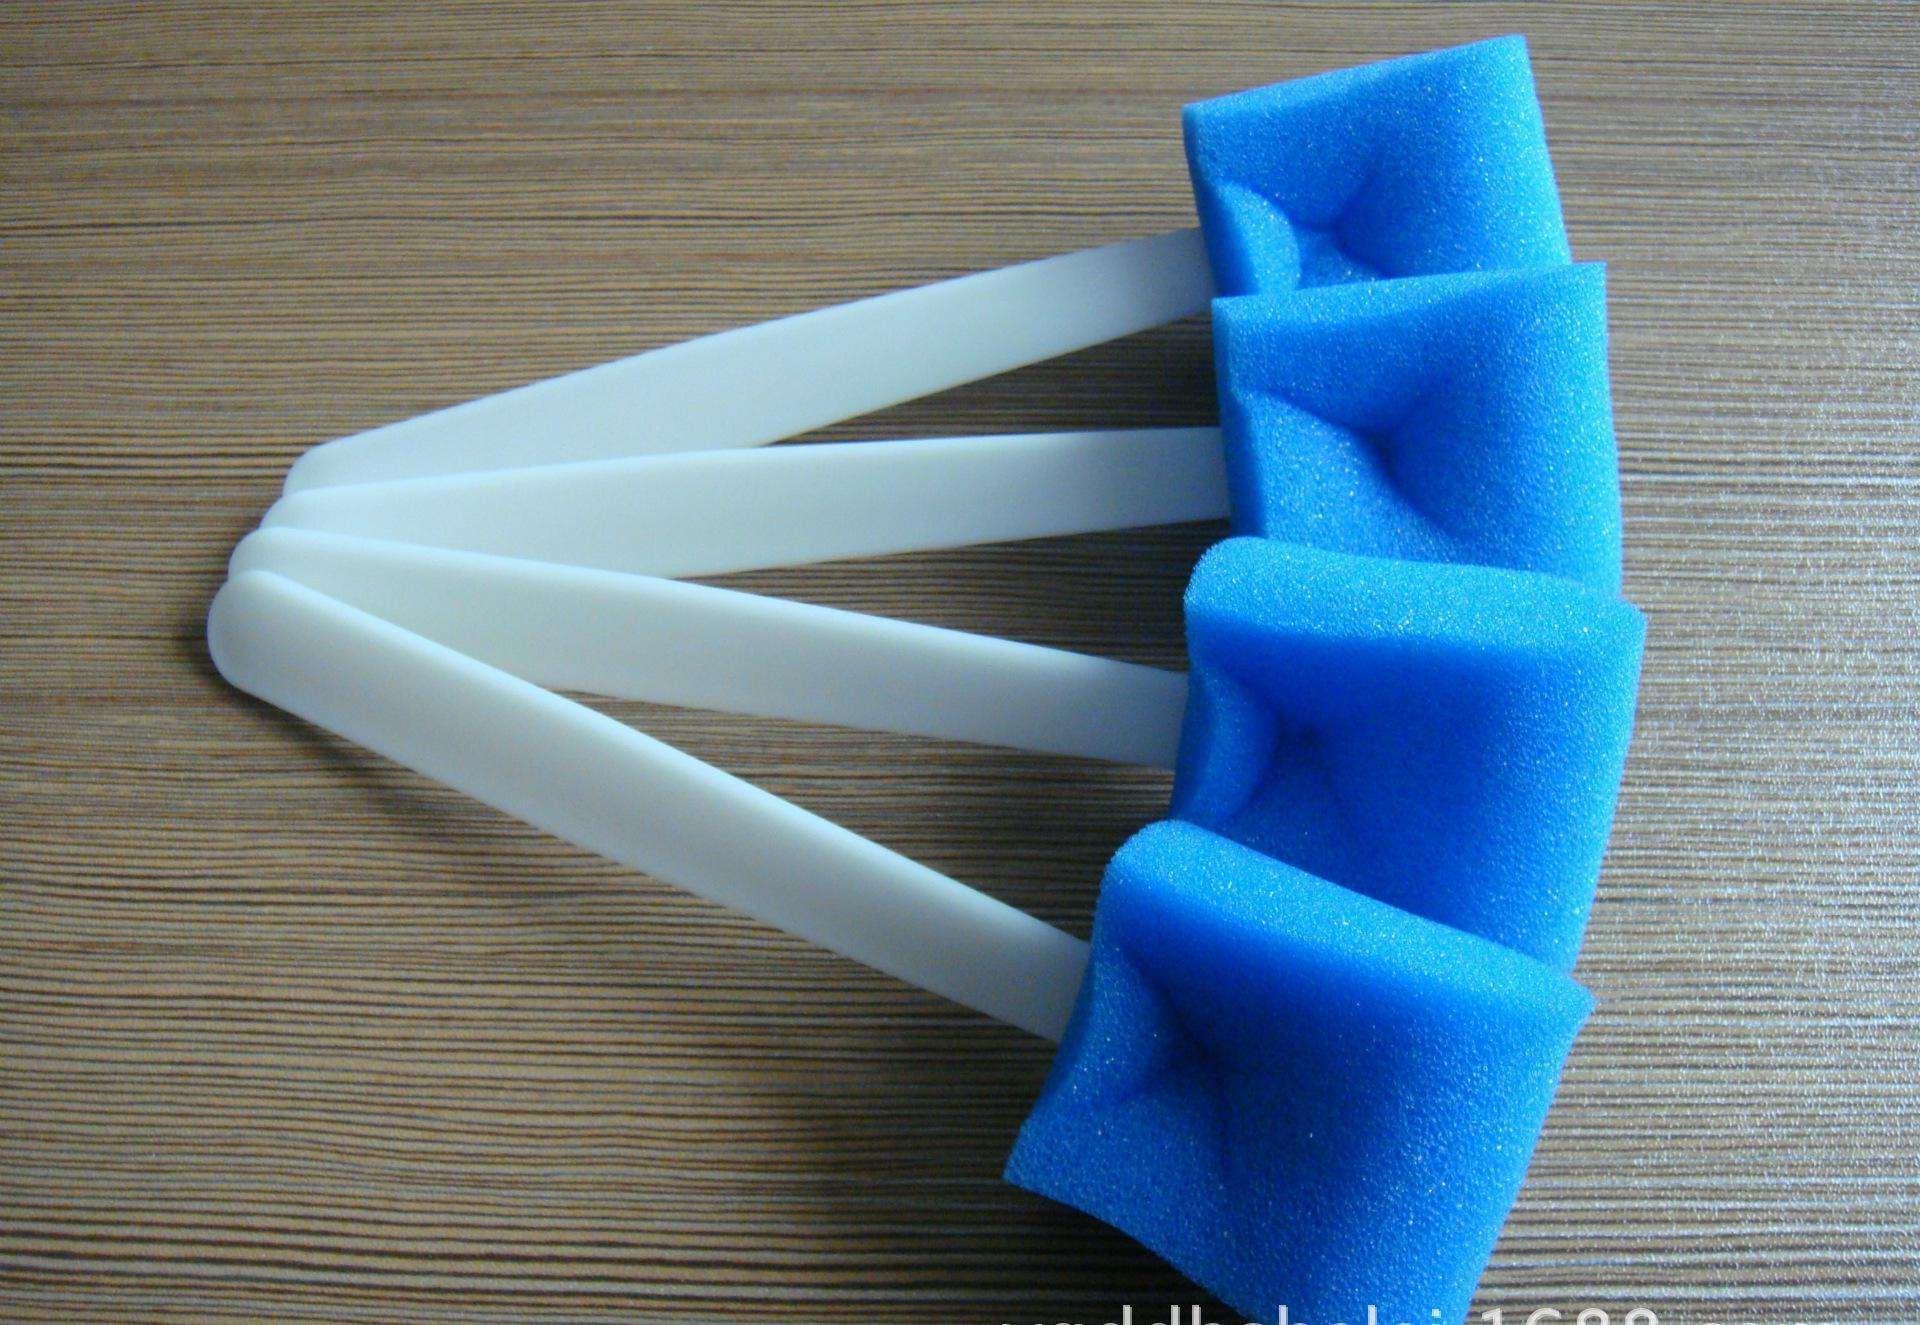 Sponge Stick Surgical Instrument Medical Instrument